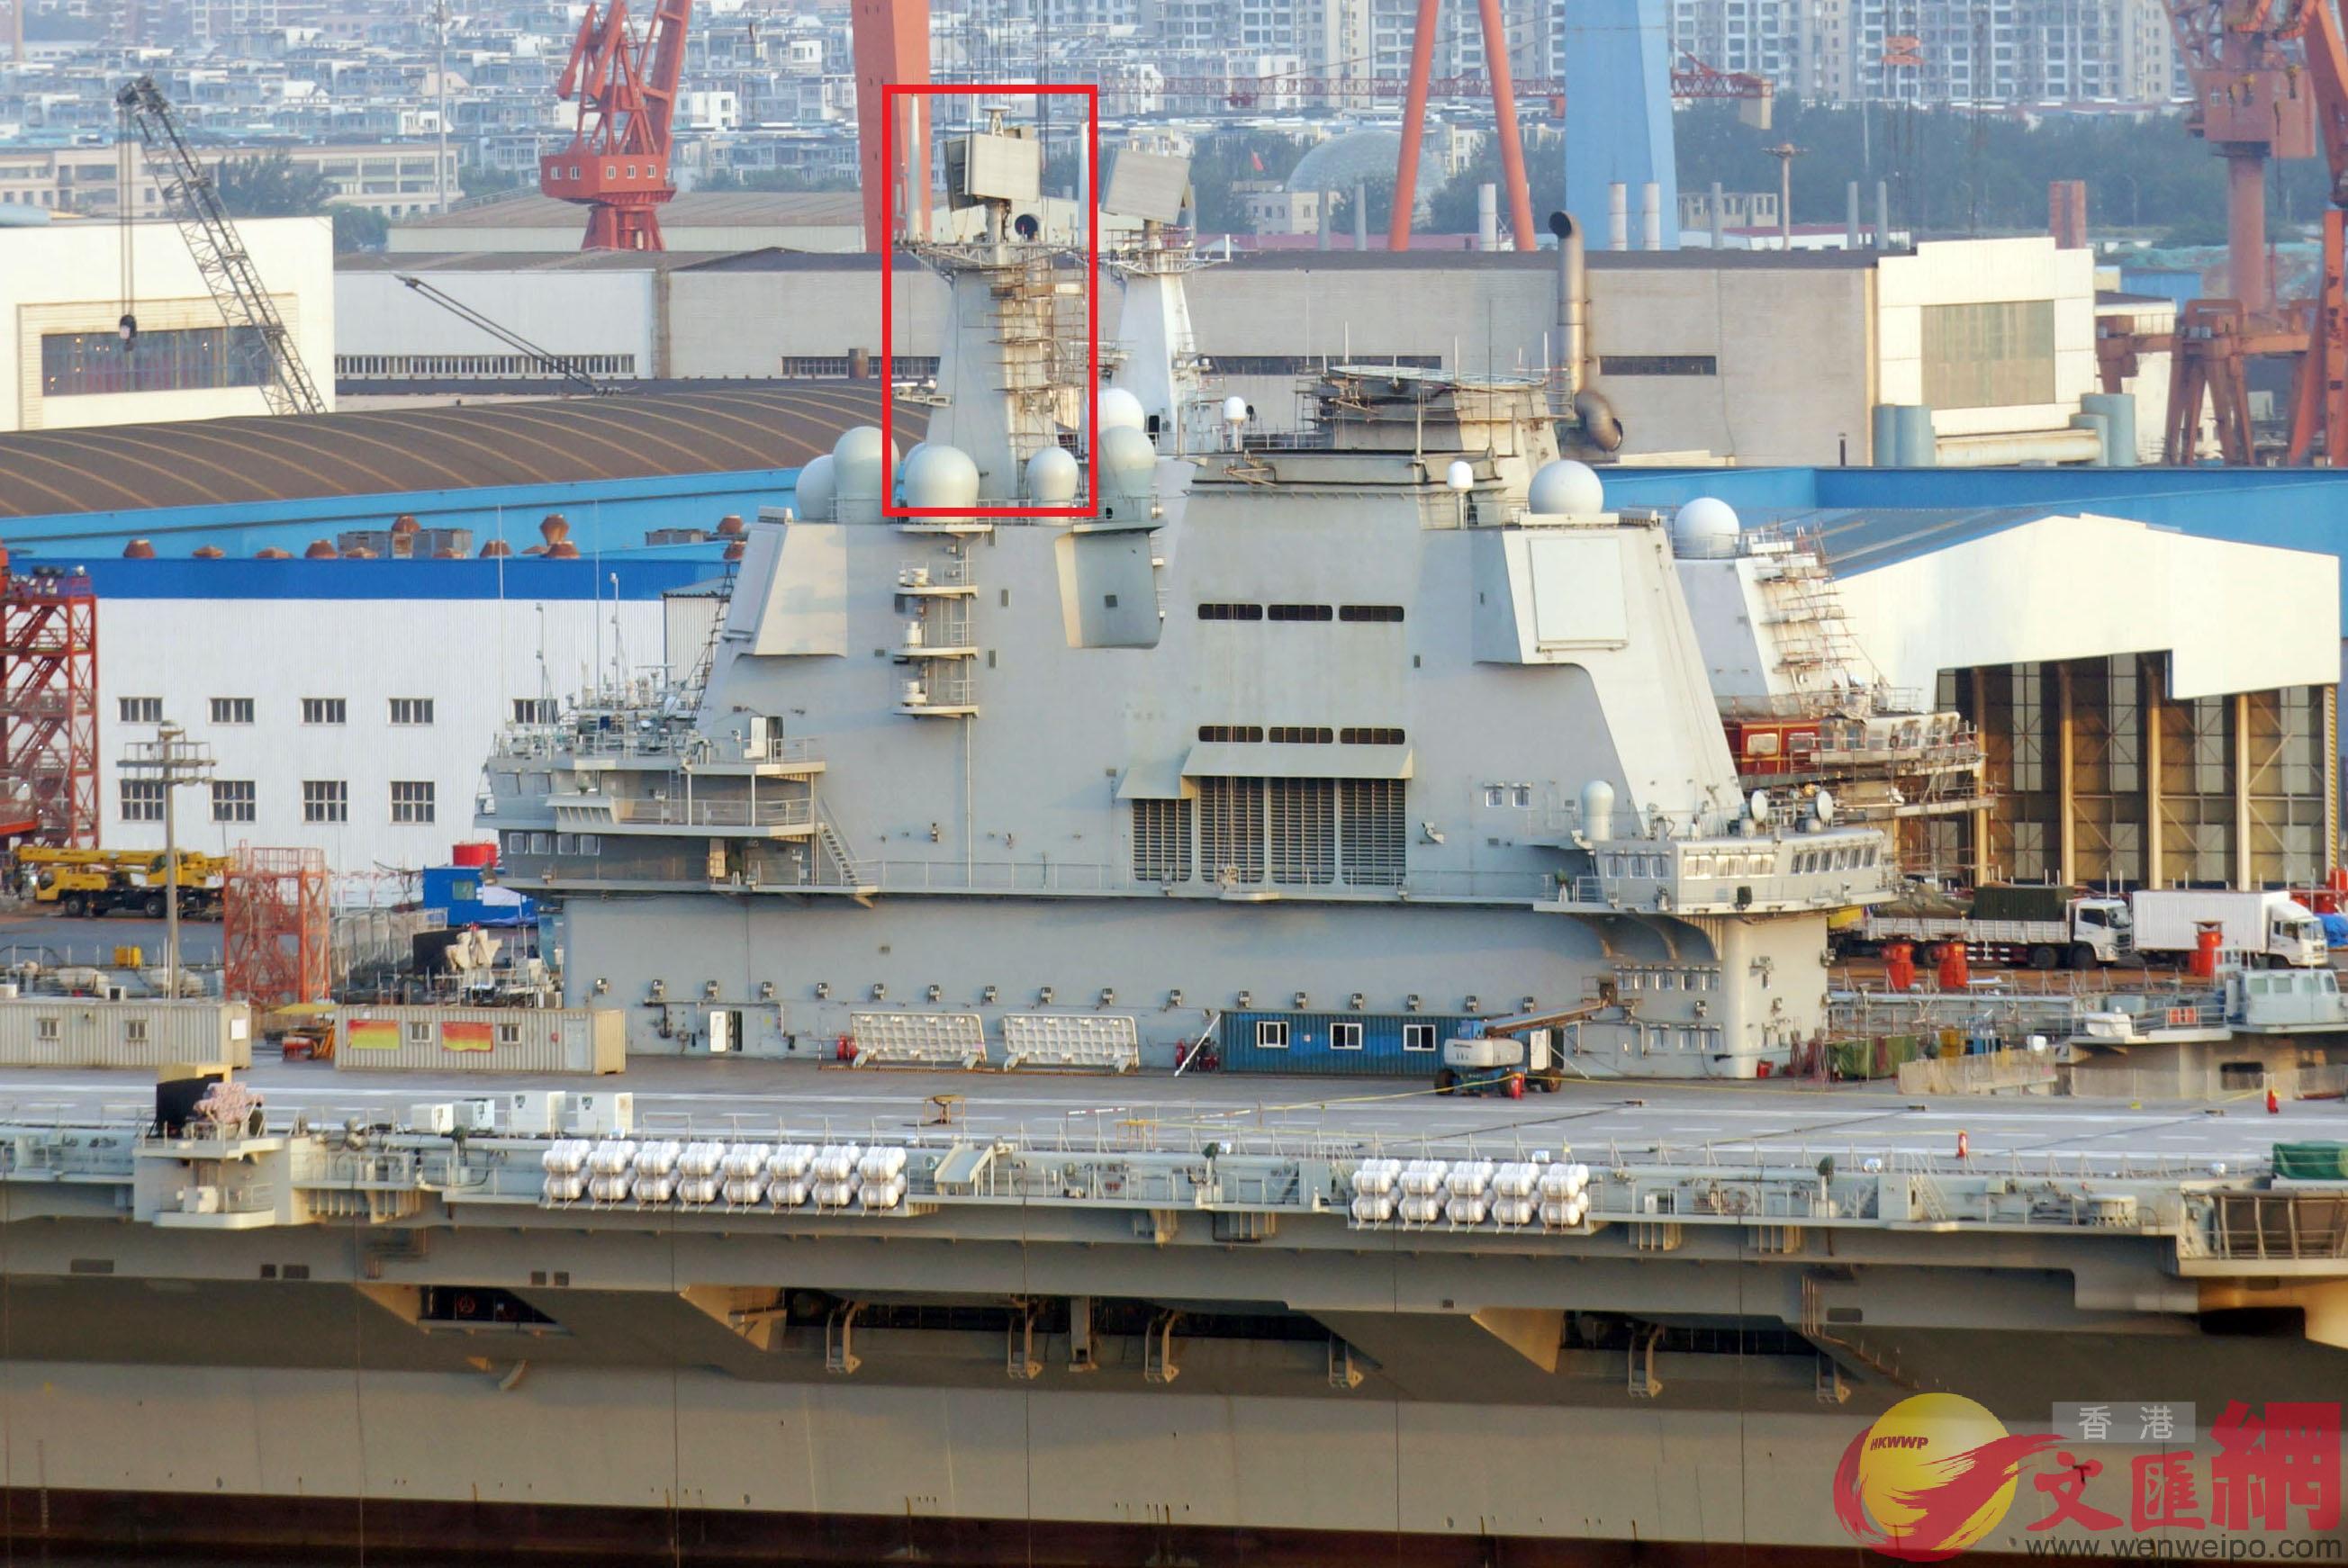 國產航母艦島桅桿近頂板雷達位置(紅框)再次搭起腳手架 記者宋偉攝